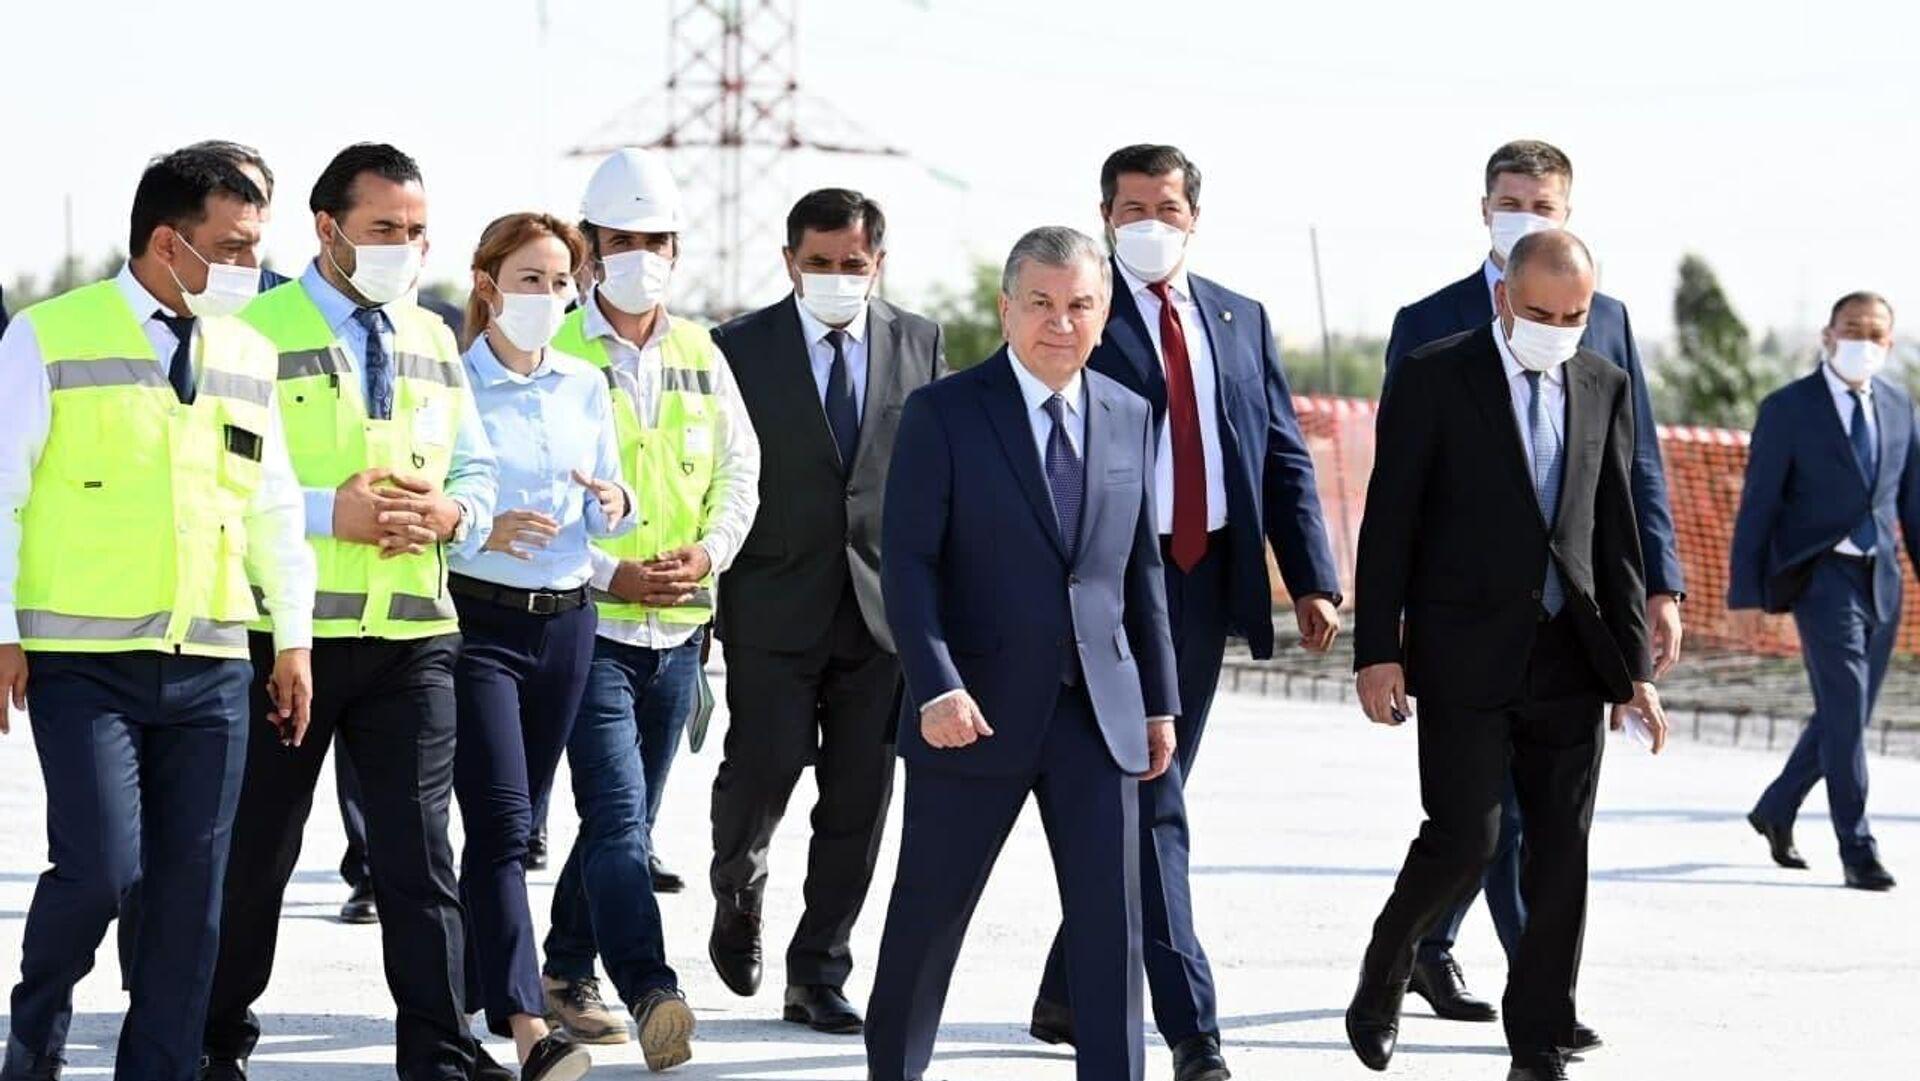 Шавкат Мирзиёев осматривает строительство нового моста - Sputnik Узбекистан, 1920, 25.06.2021